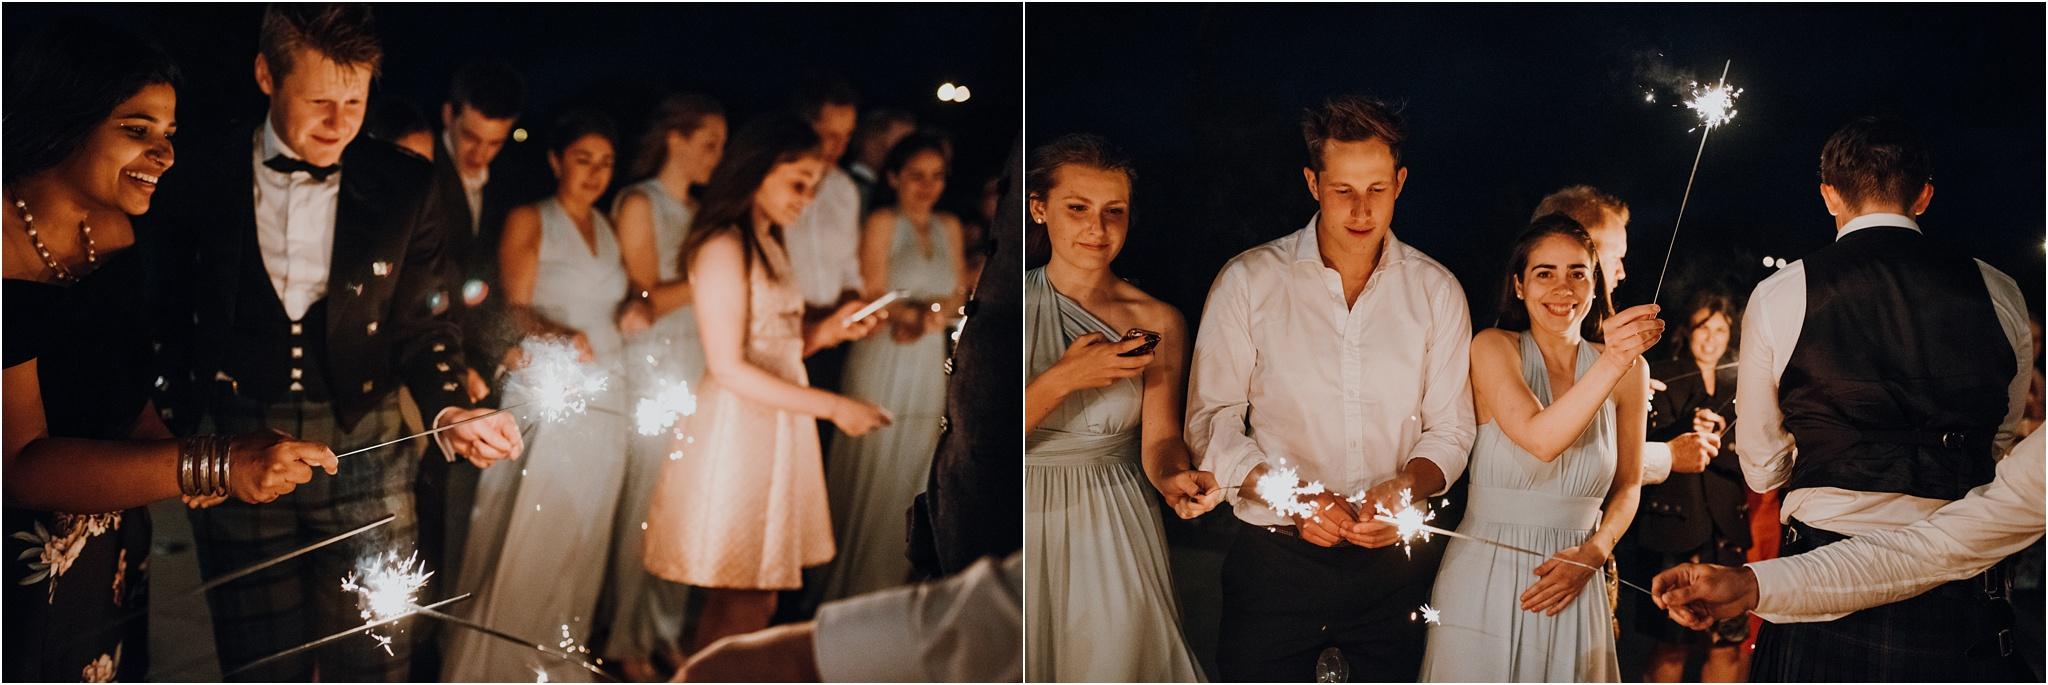 Edinburgh-barn-wedding-photographer_122.jpg